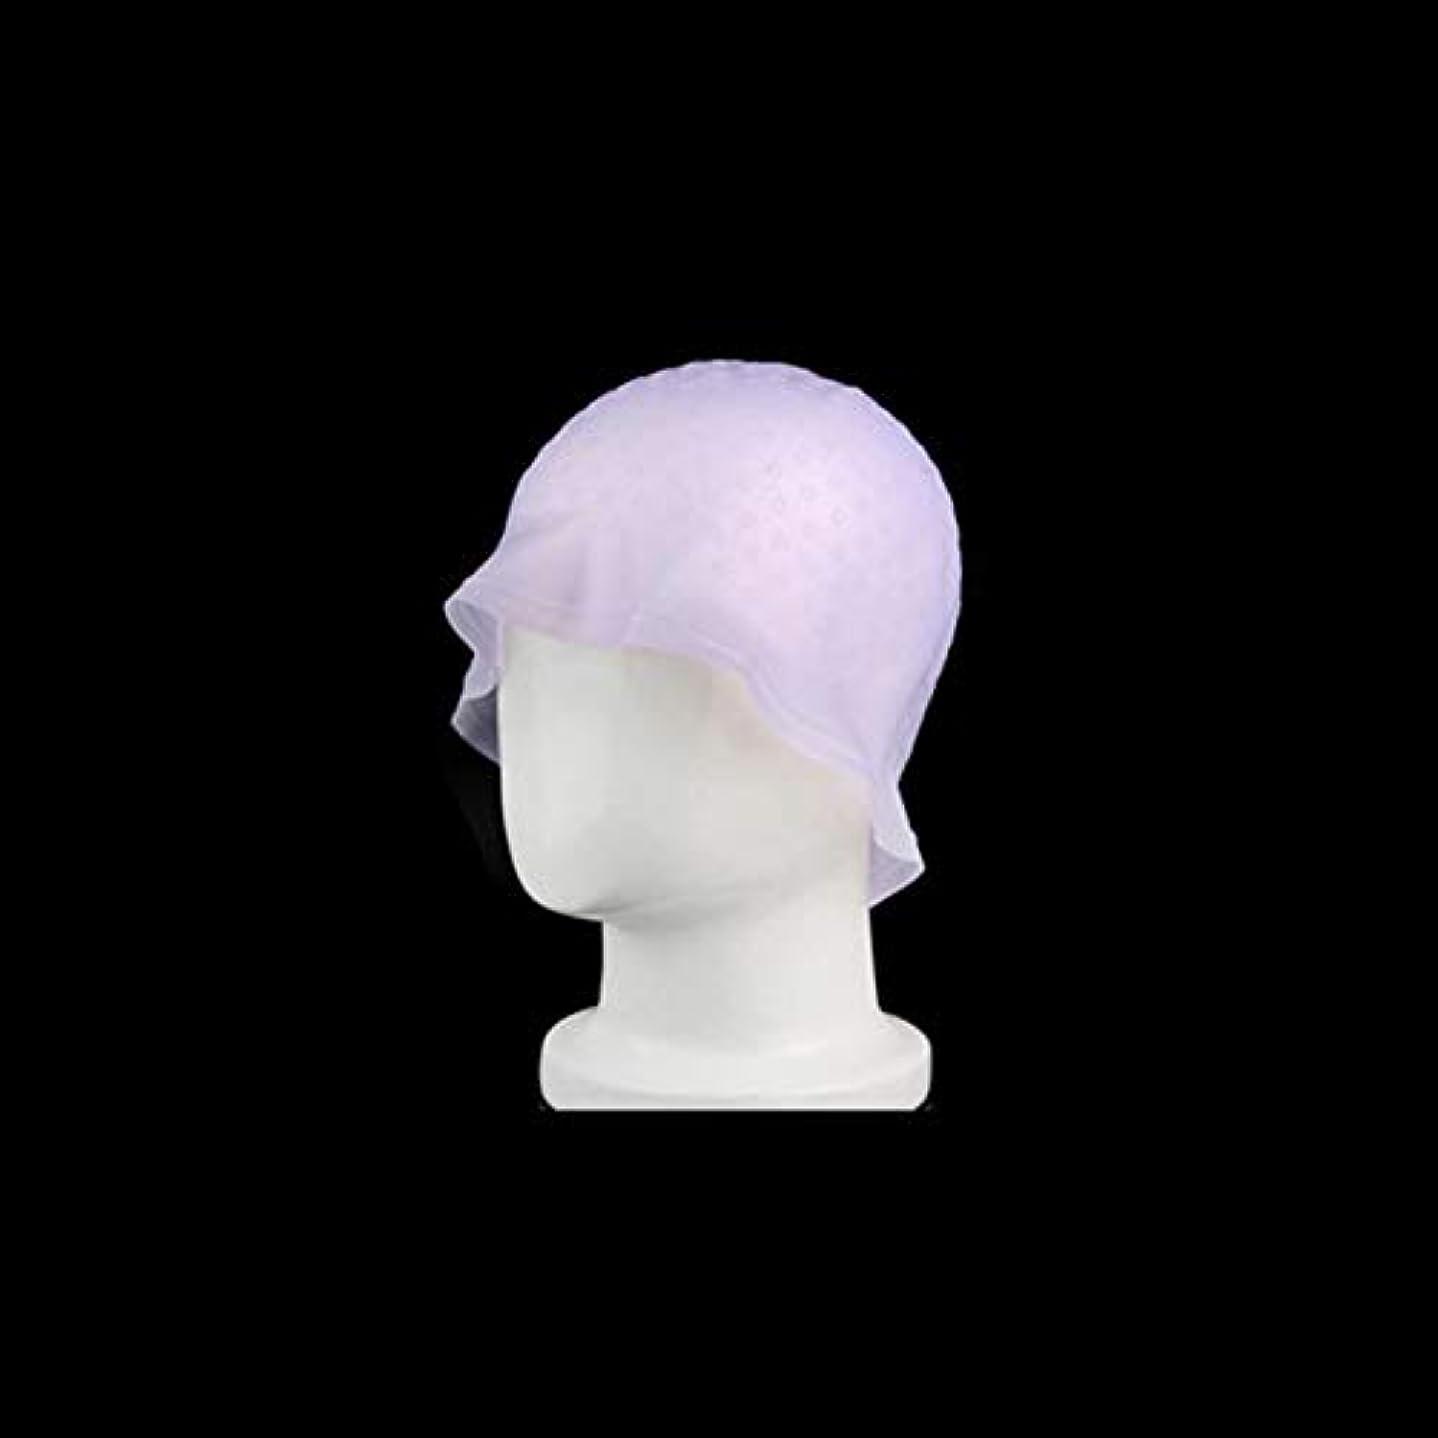 些細チーズ座標DOMO カラーダイキャップ 染毛キャップ エコ サロン ヘア染めツール 再利用可能 染色用 ハイライト 髪染め工具